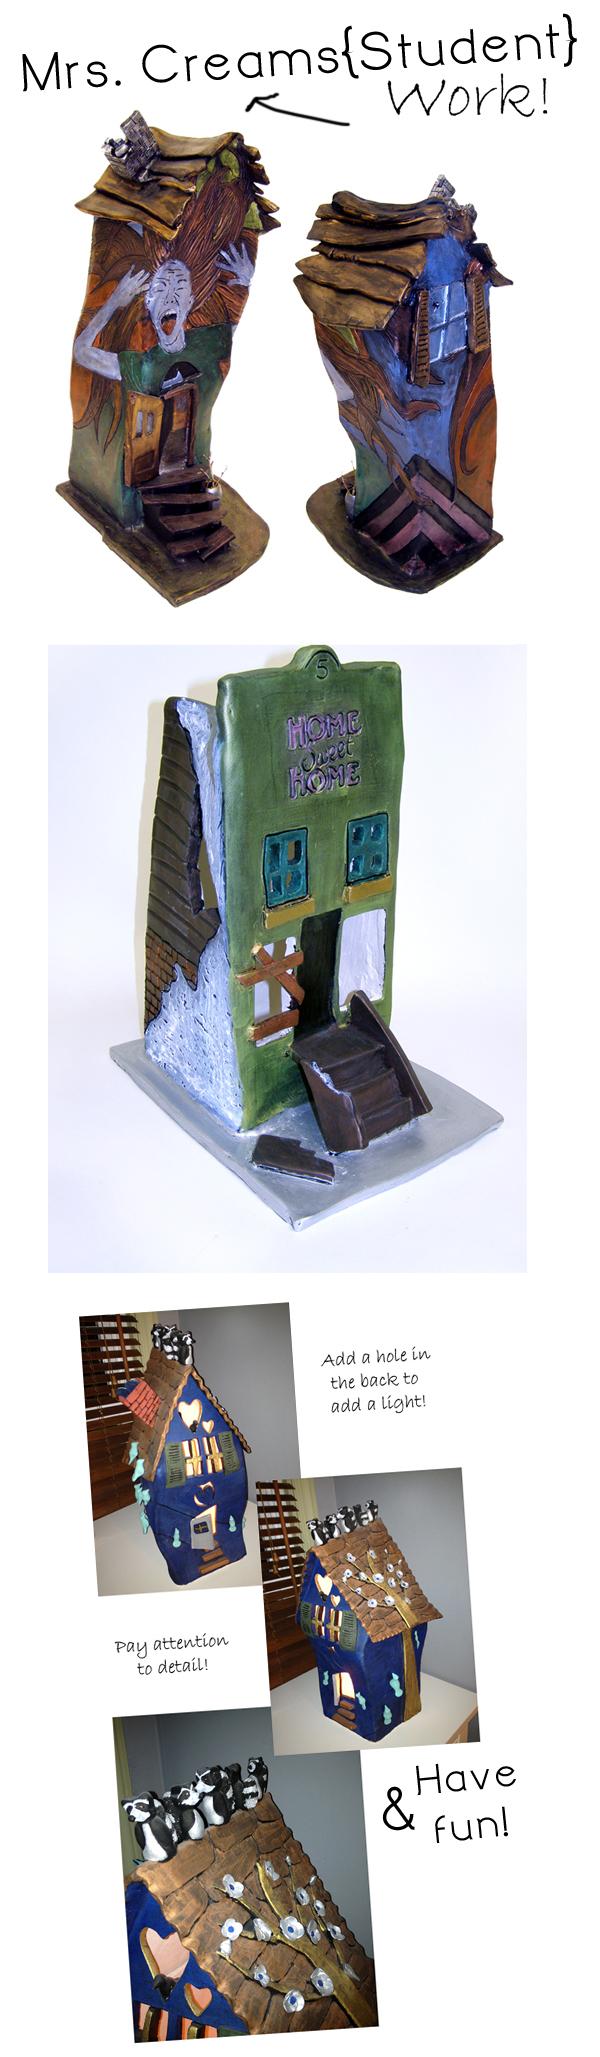 refrigeratorgood.com